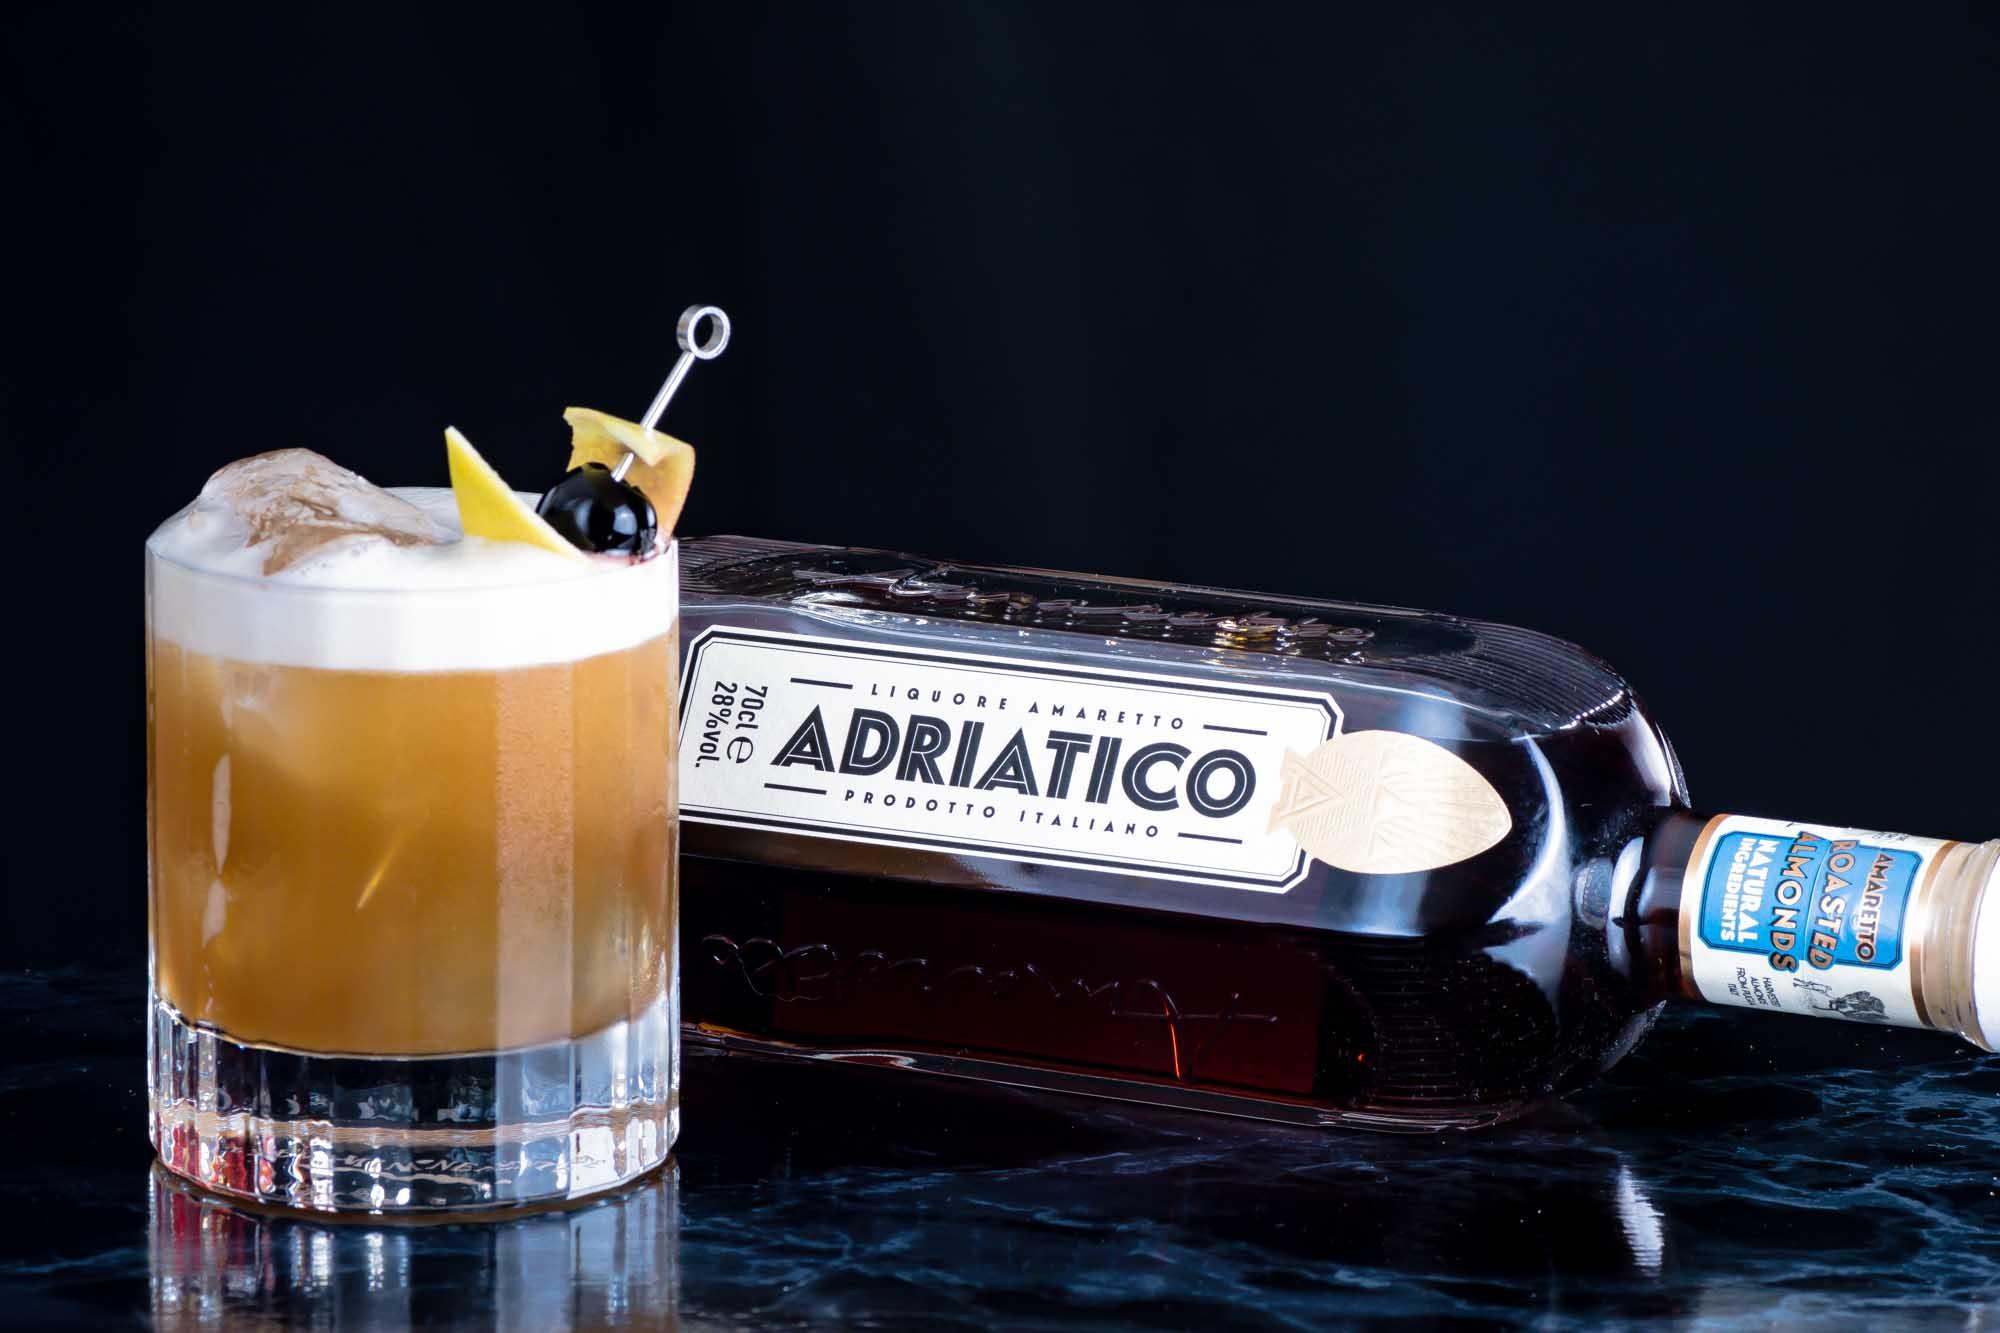 Ein Amaretto Sour mit Adriatico Amaretto.